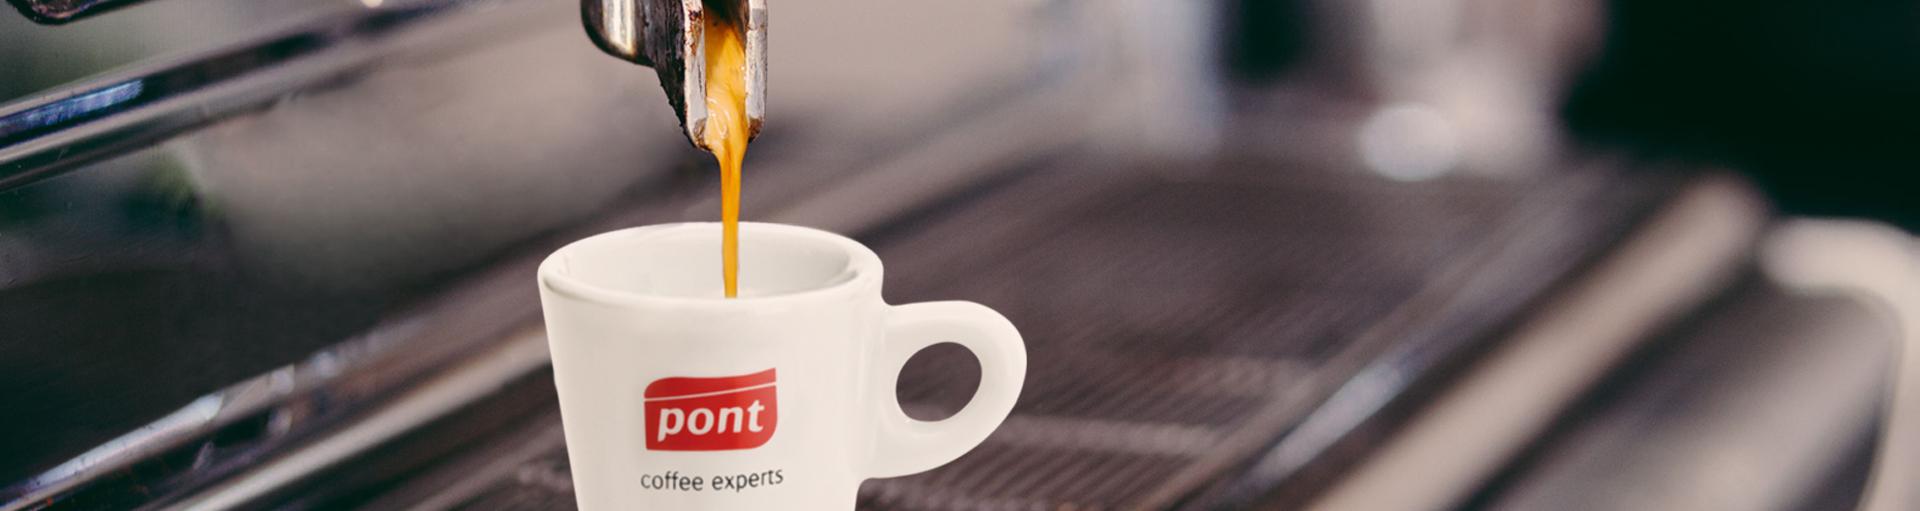 Cafès Pont i Triangulo Marketing Group, nous membres de Ben Fet!